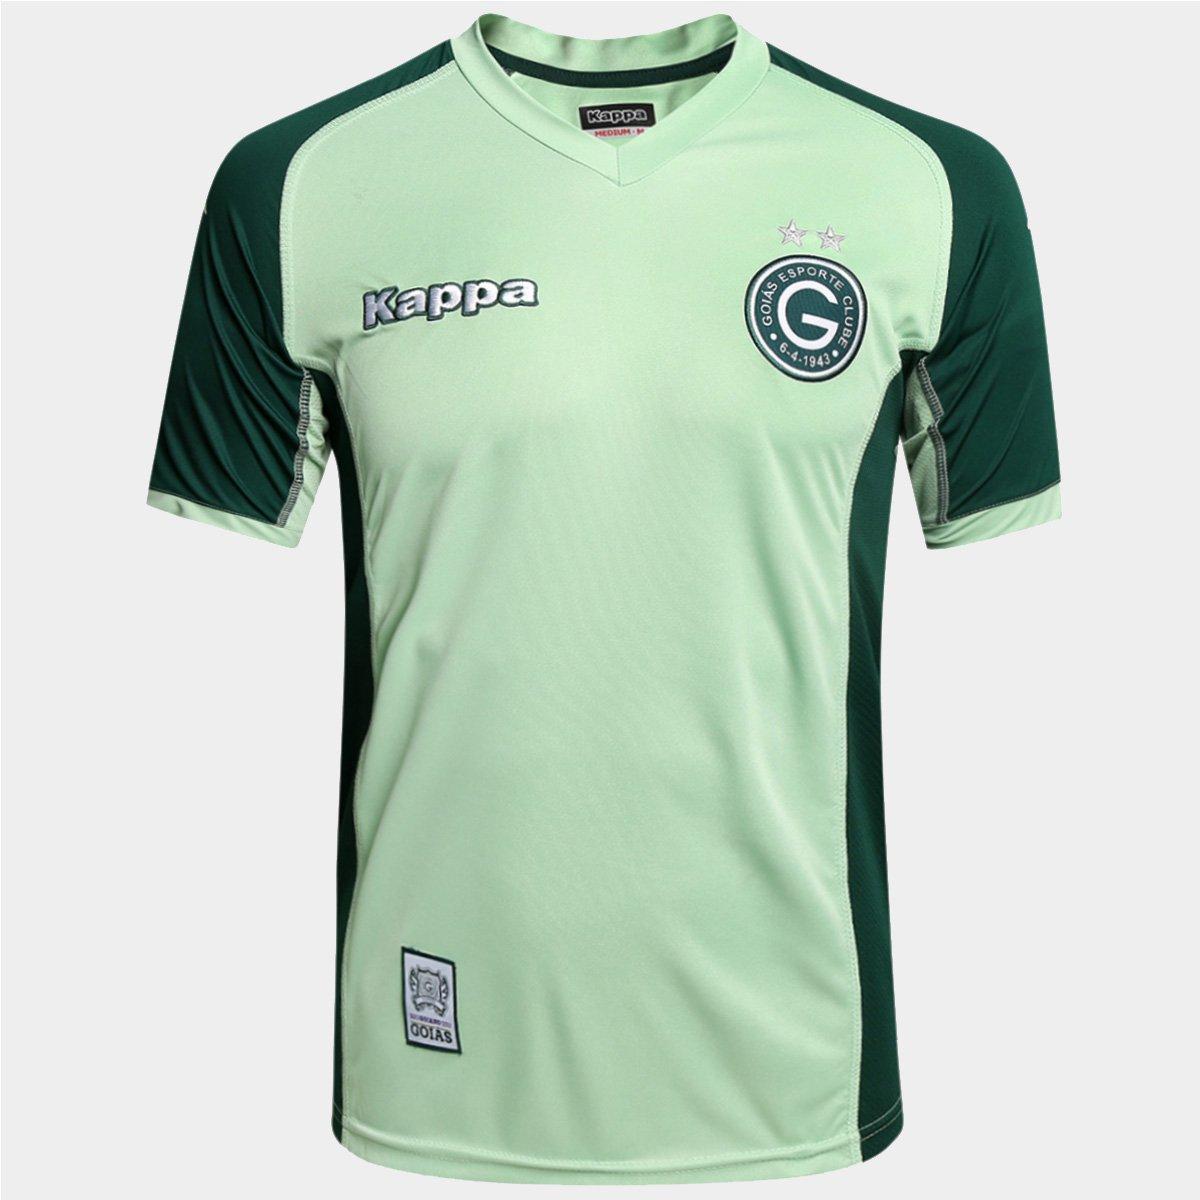 95539d49787ab Camisa Goiás Goleiro 2015 s nº Torcedor Kappa Masculina - Compre Agora